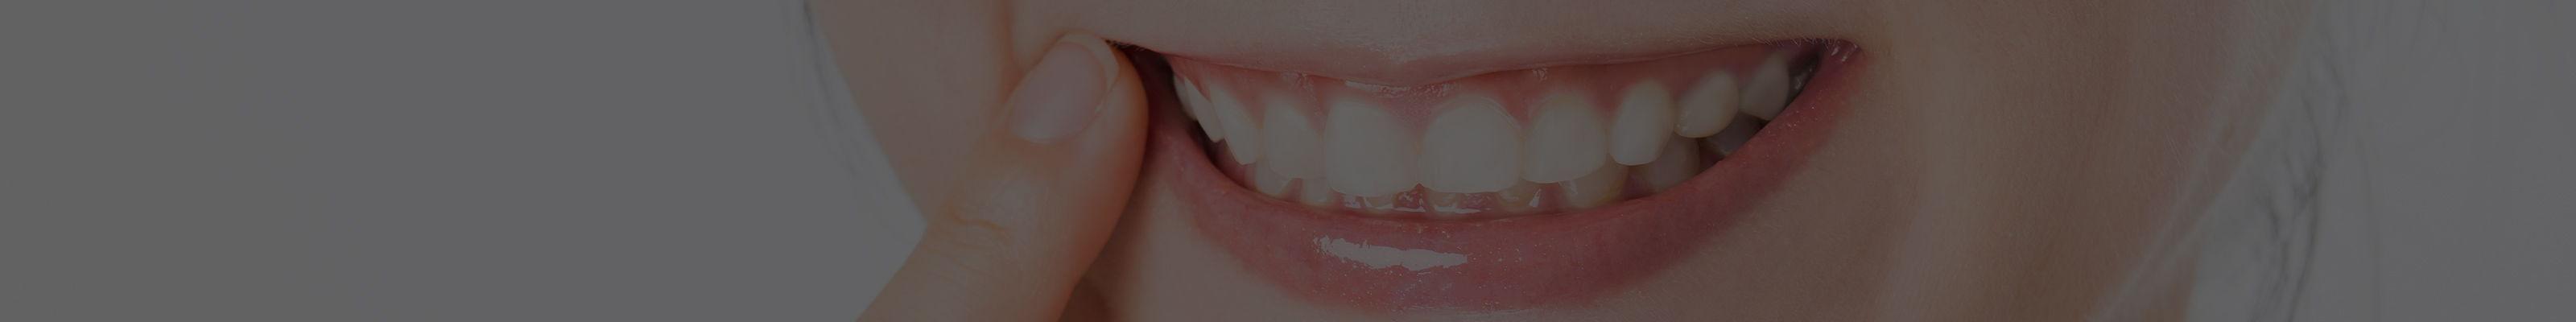 歯ぐきを治したい